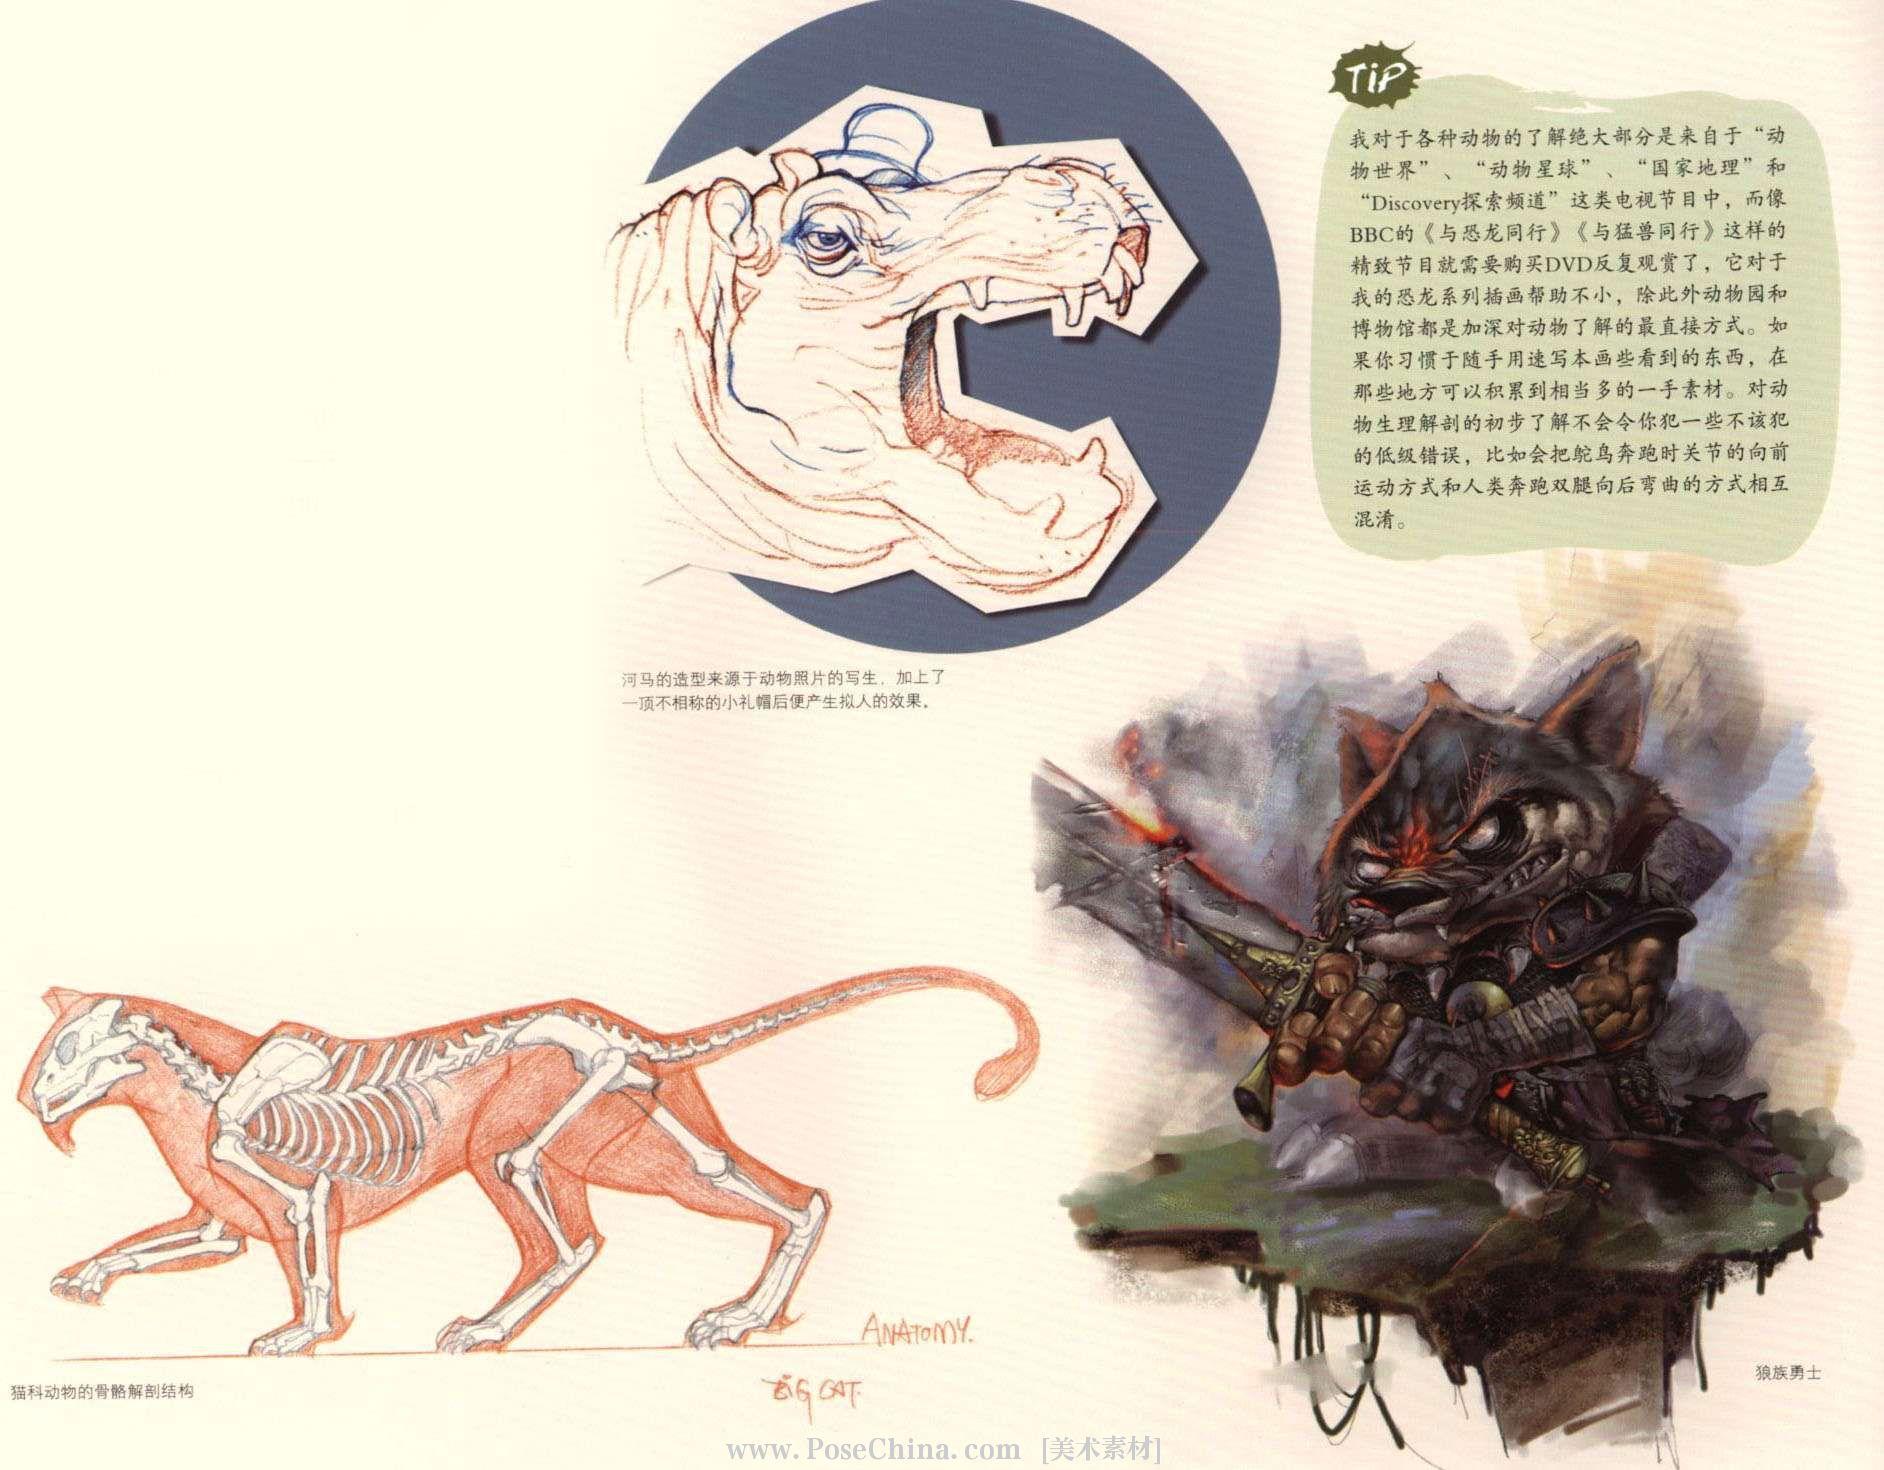 比如我们相对了解的猫科动物,不管猫与豹在体型方面有多大的差别,它们